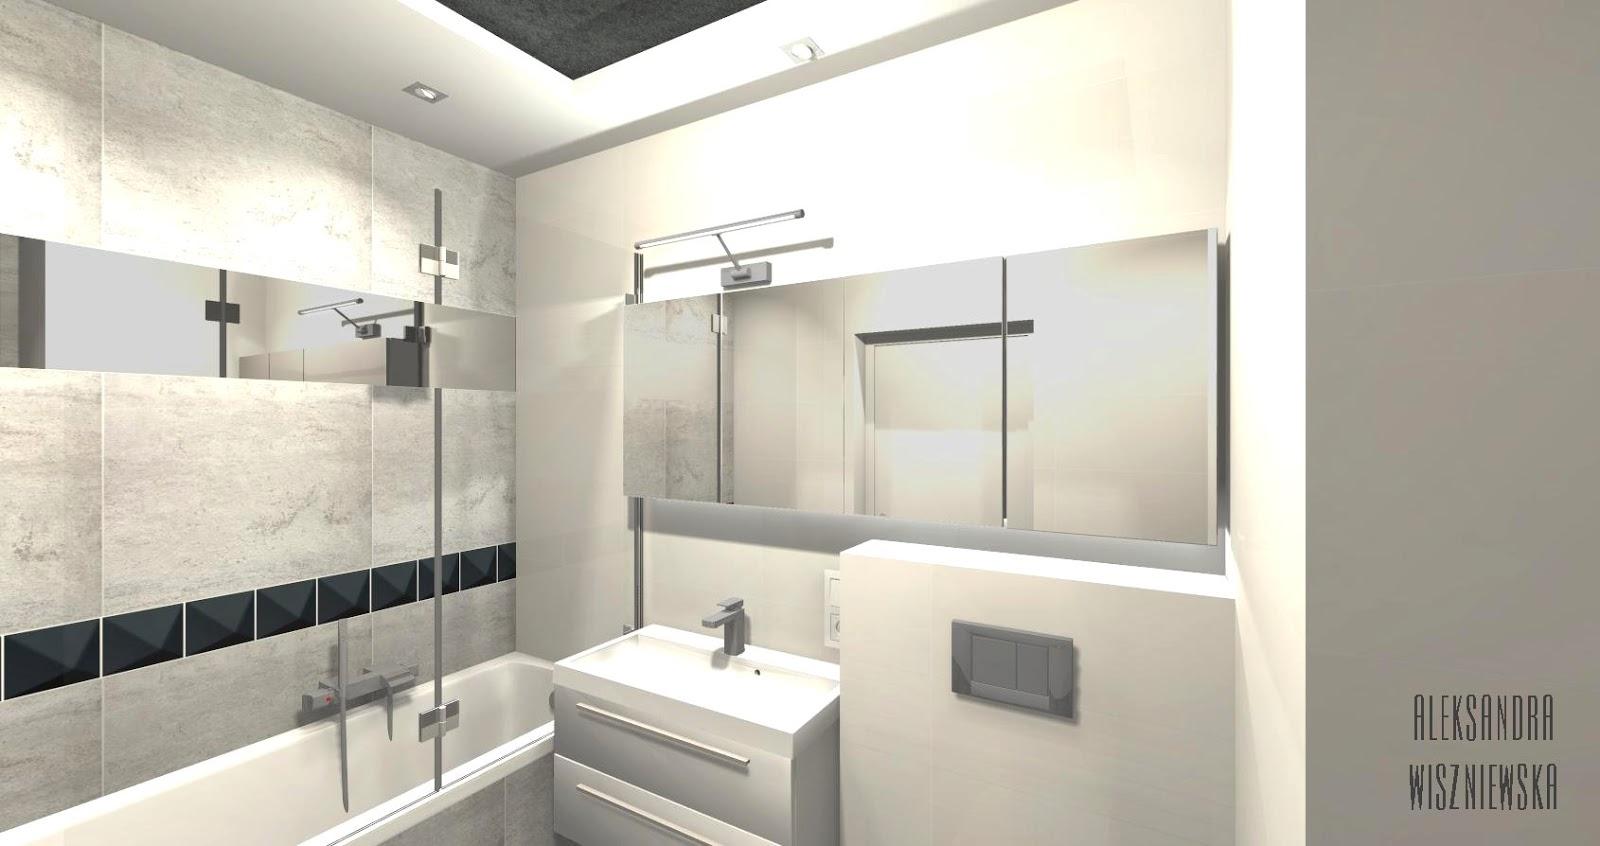 projekty azienek wizualizacje tub dzin maciej zie tegel black tub dzin maciej zie berlin. Black Bedroom Furniture Sets. Home Design Ideas